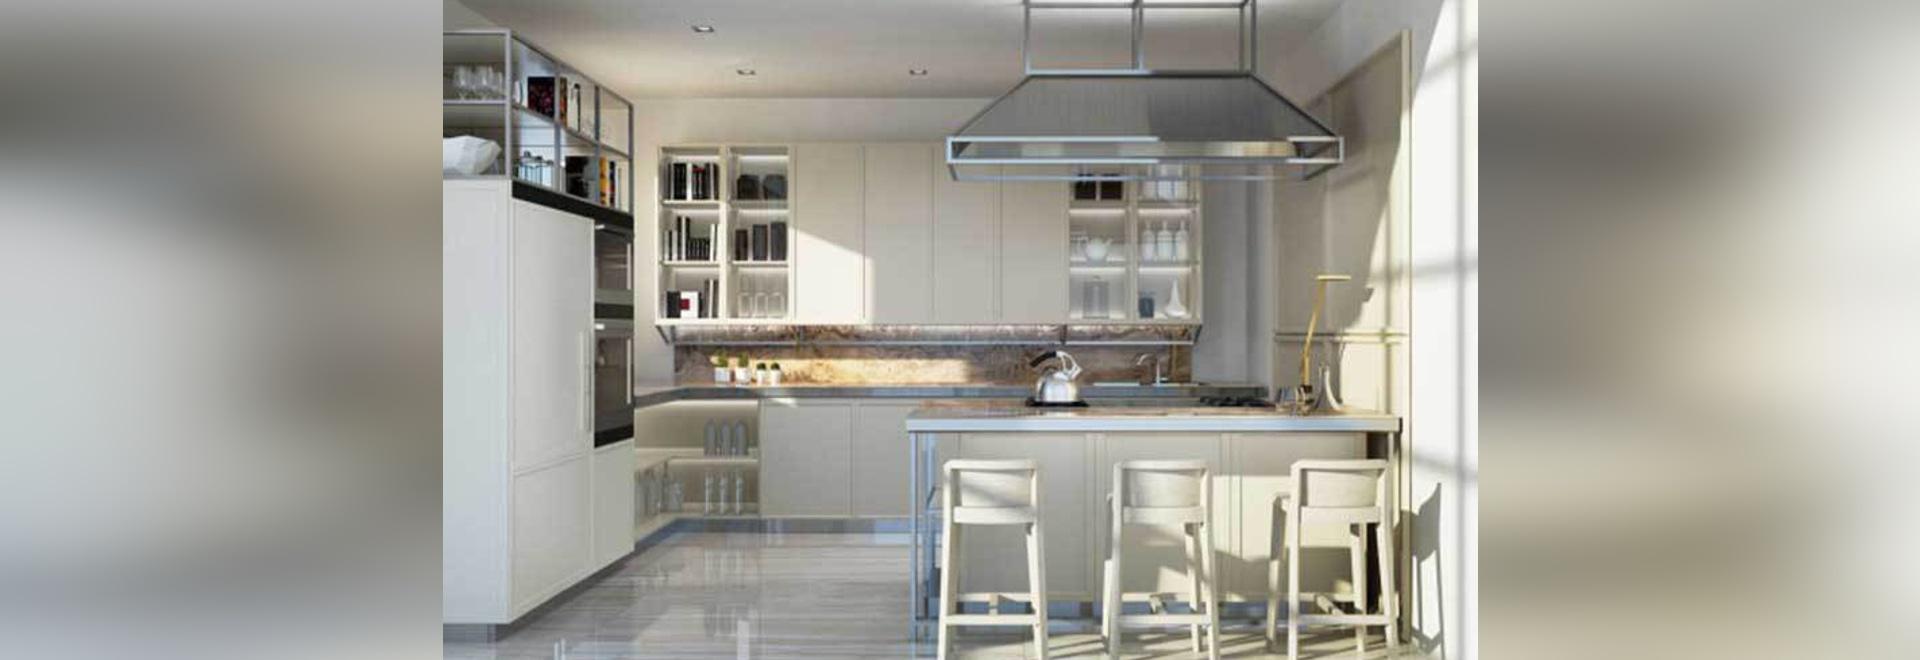 Charmant Italienische Küchen Miami Fl Galerie - Küche Set Ideen ...